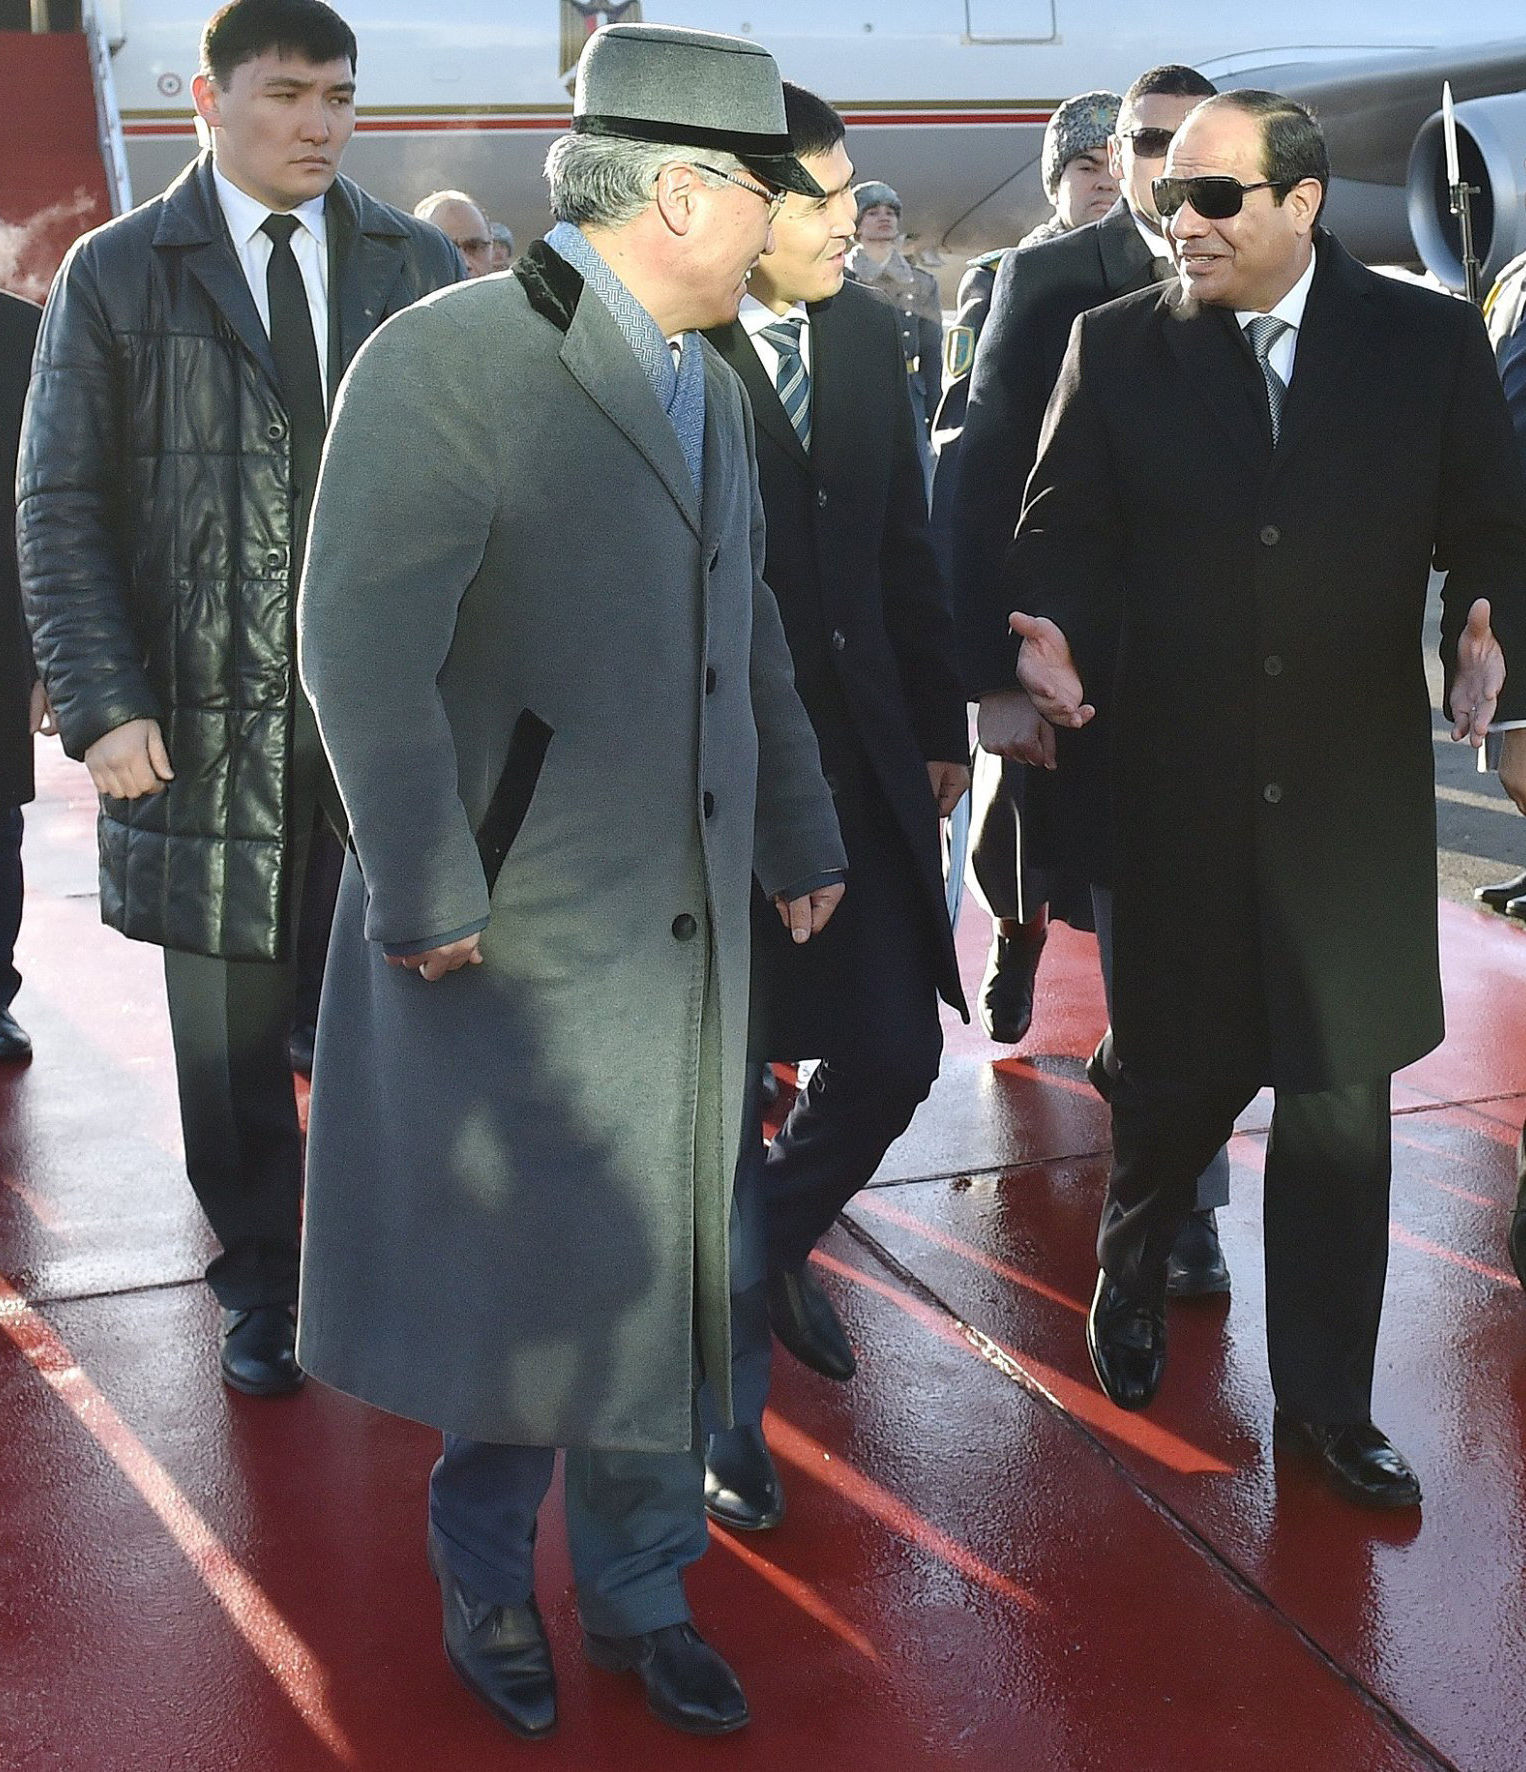 Архивное фото встречи в аэропорту министра культуры Казахстана Арыстанбека и президента Египта Абдель Фаттаха ас-Сиси